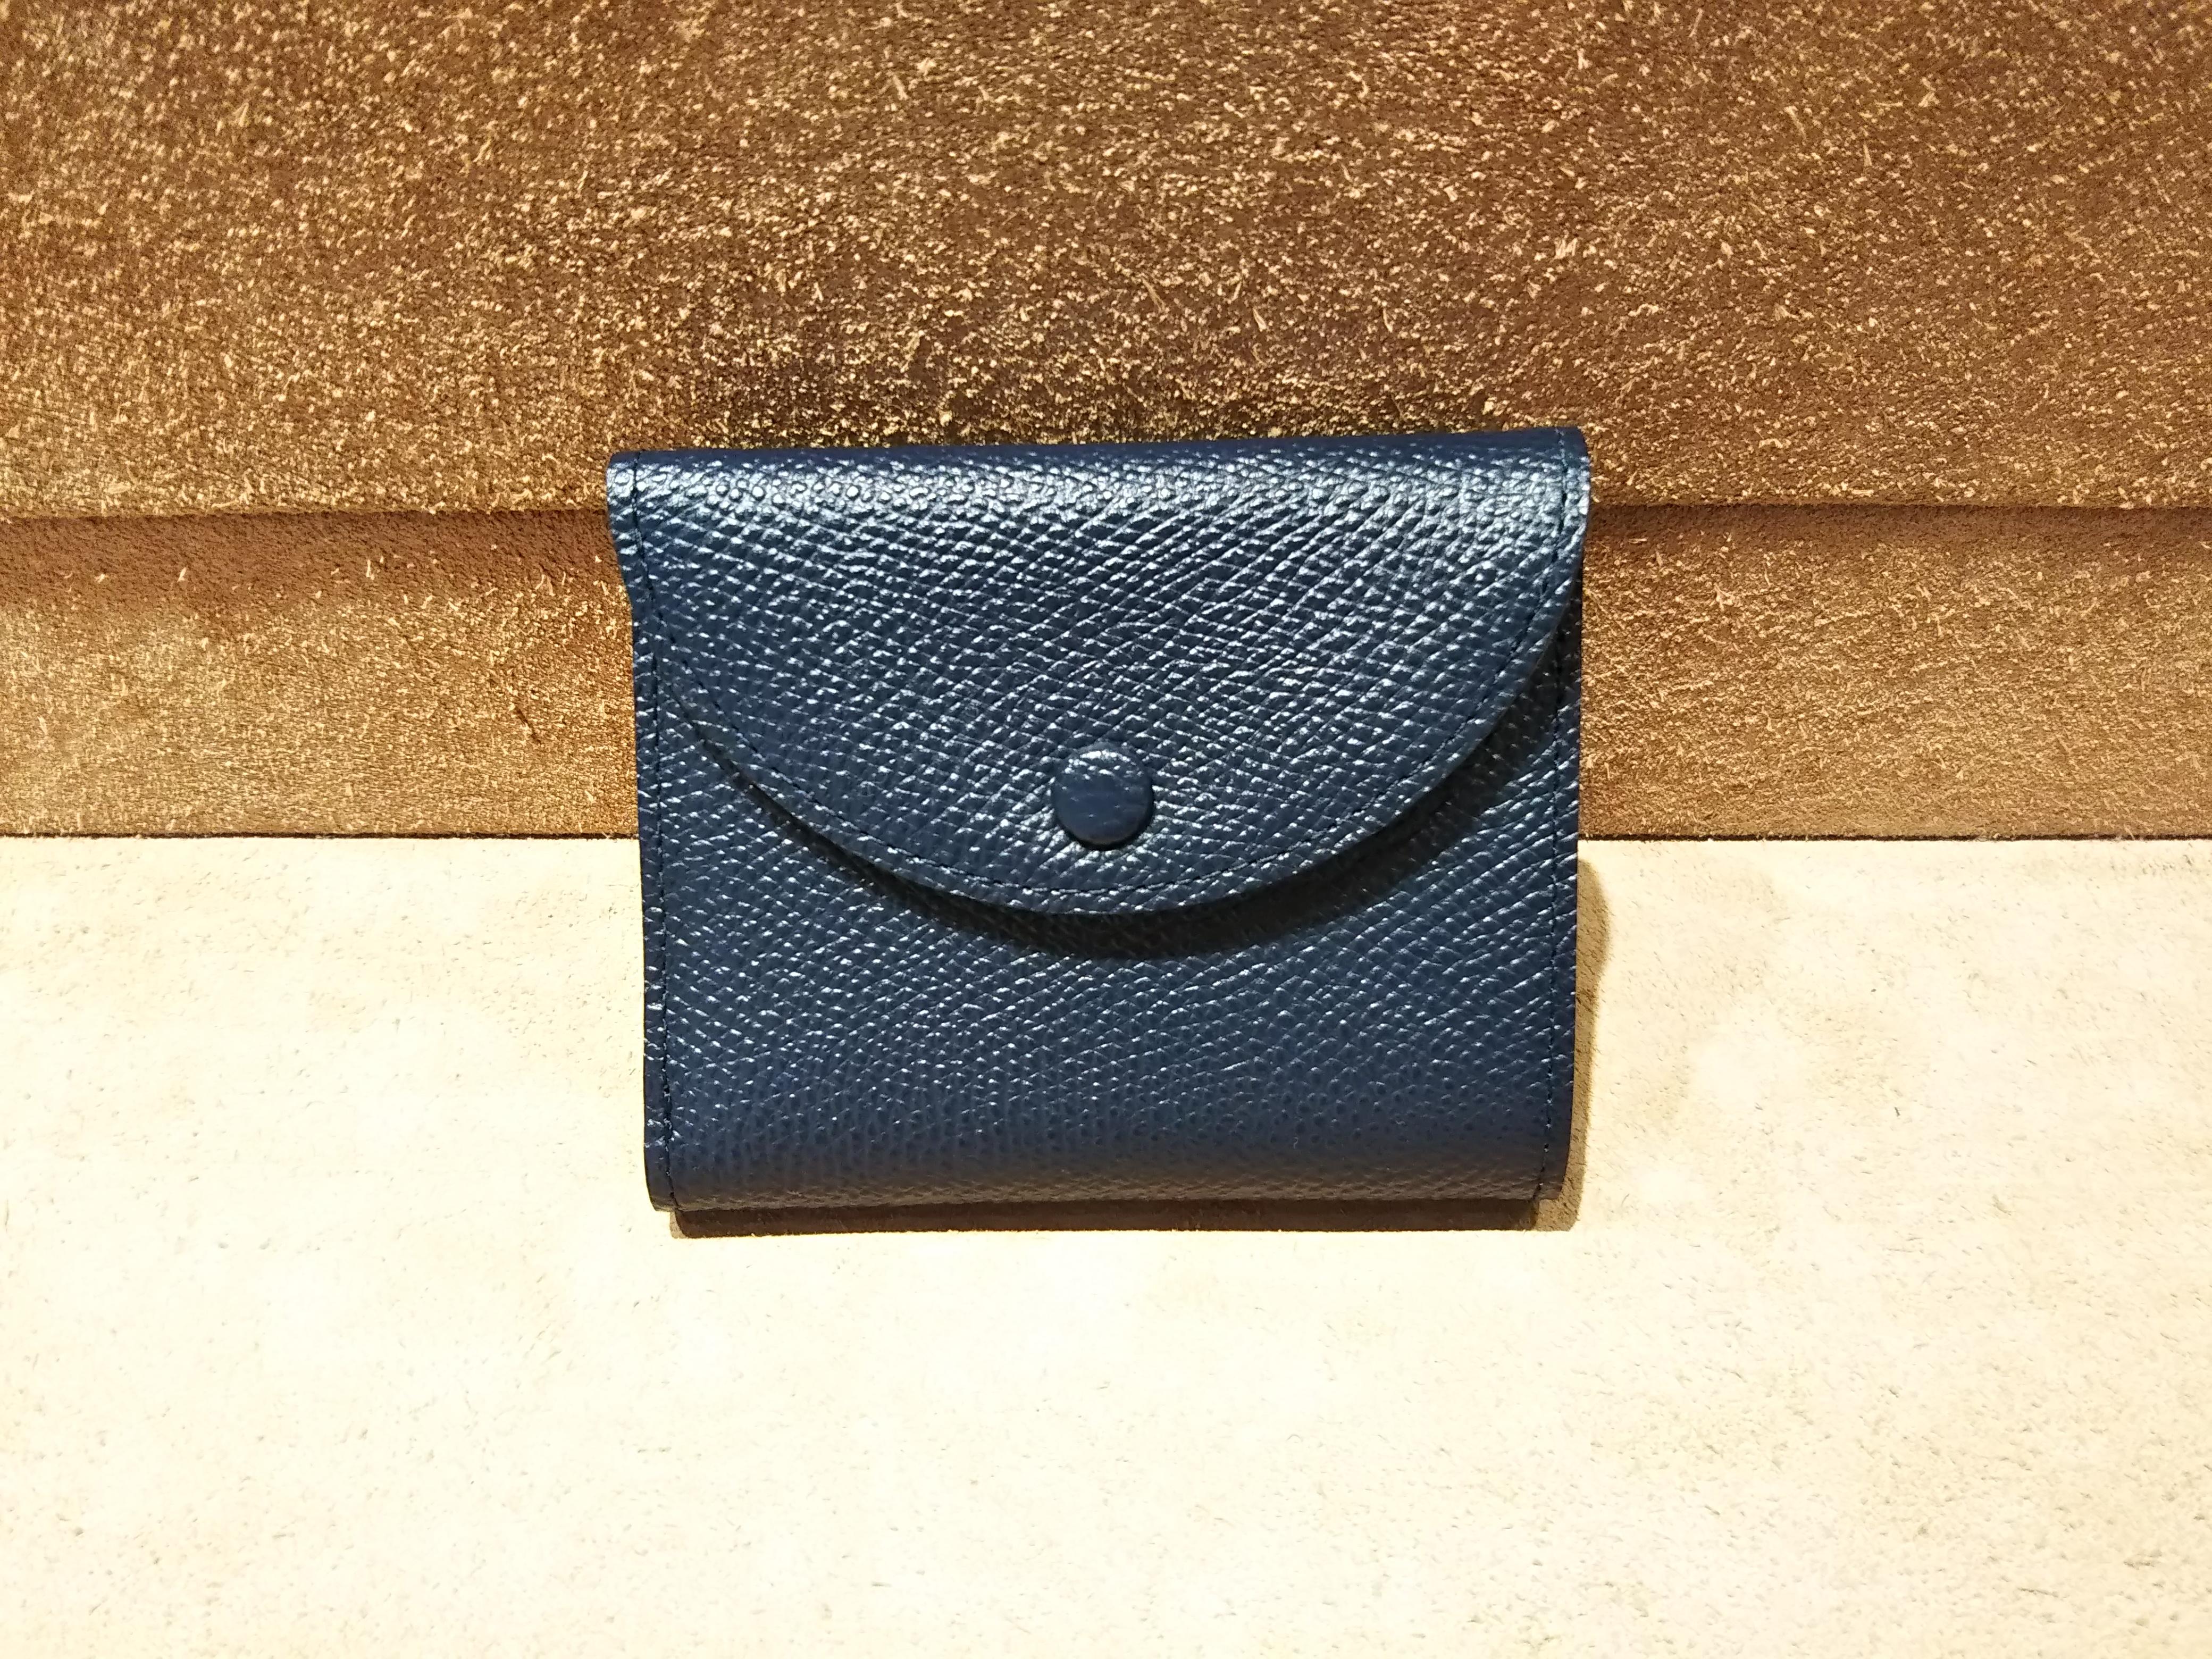 ザッカ 三つ折り財布(小さい財布)